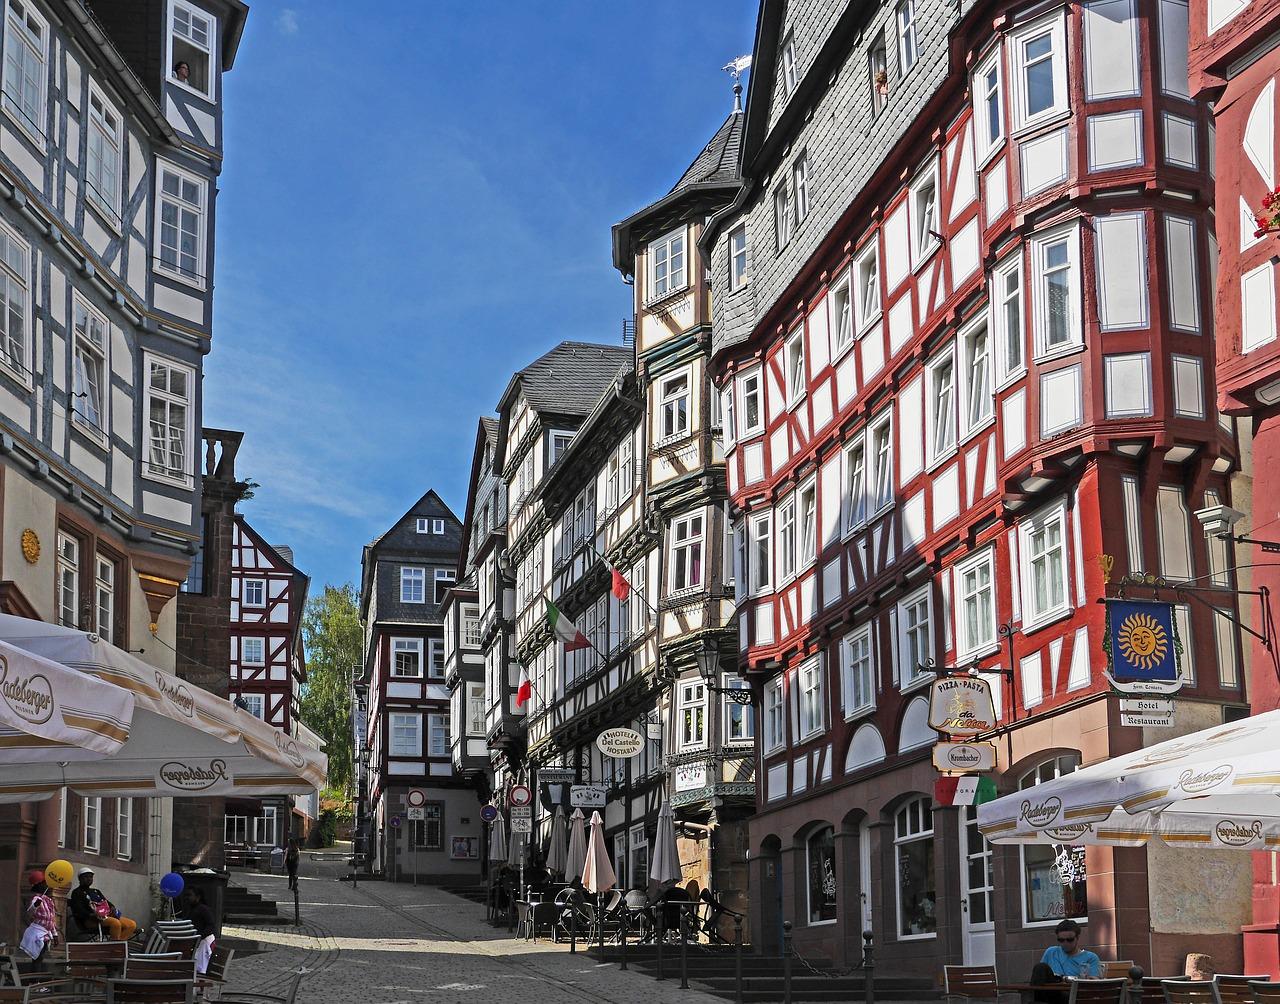 Marburg, na Rota dos Contos de Fada